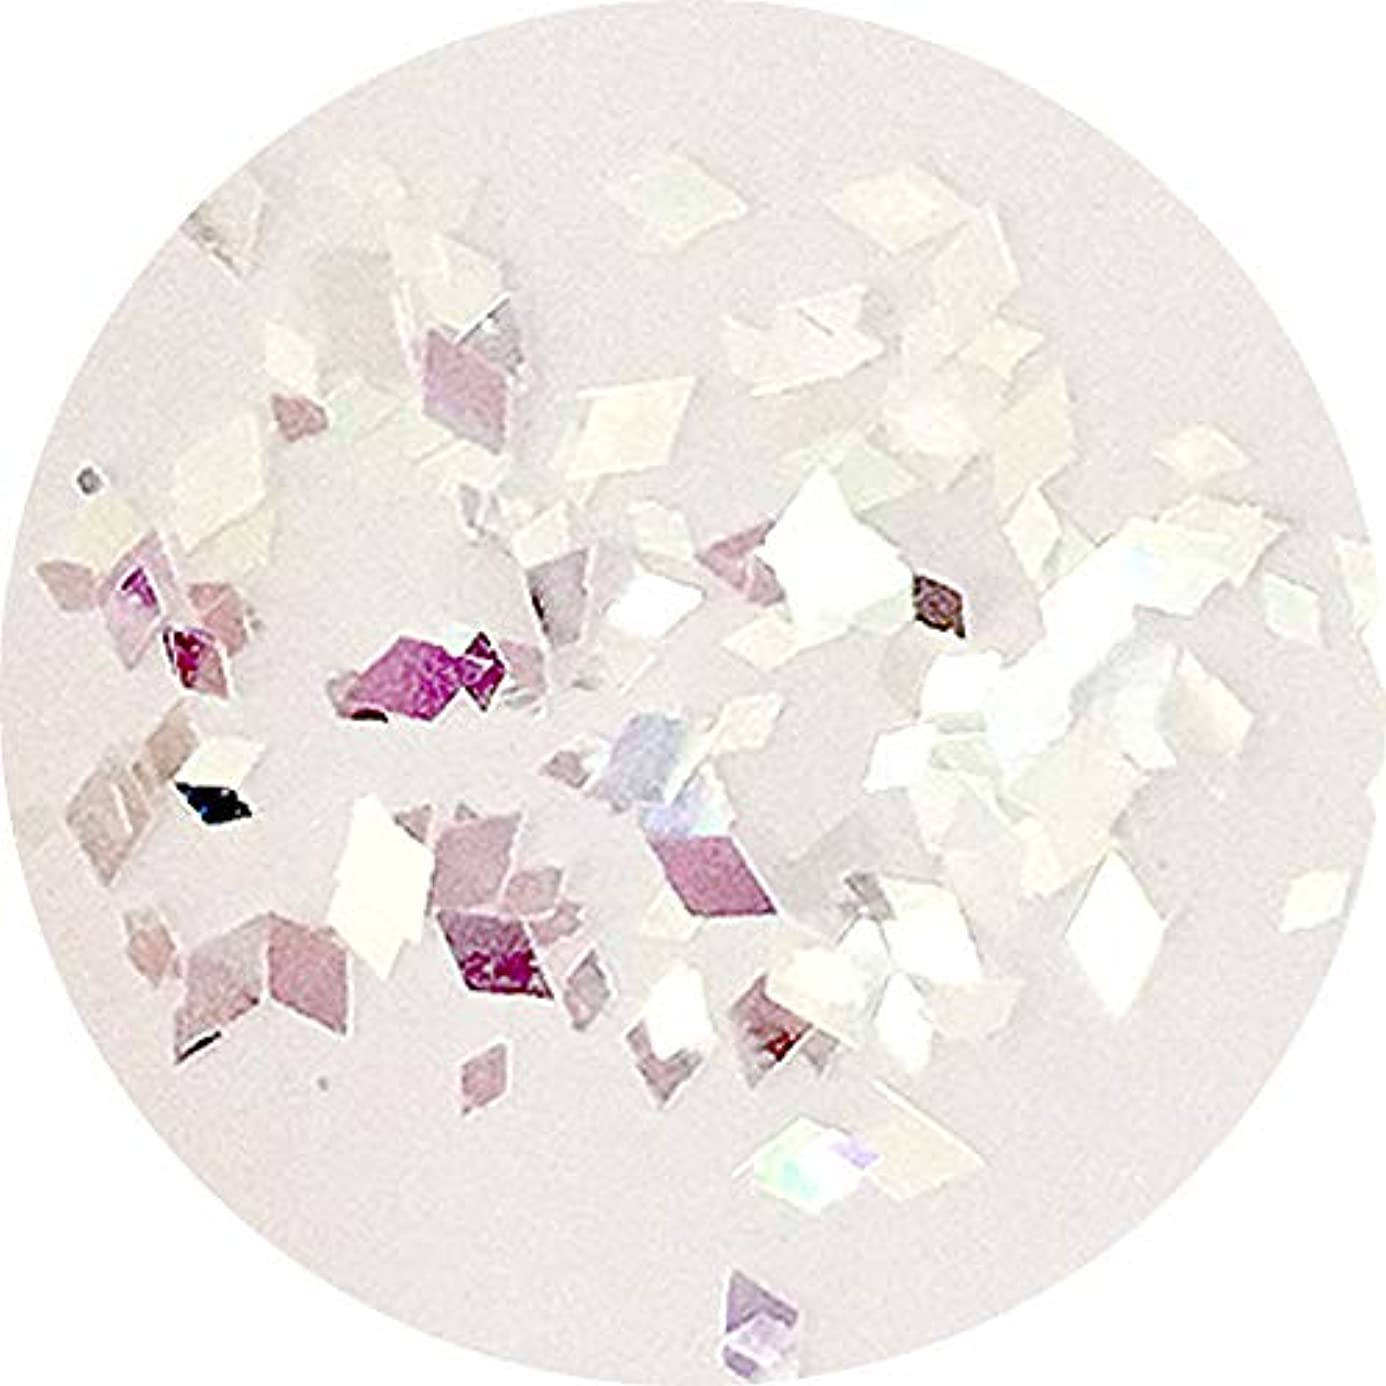 最小全部提出するCharlon ミラーホロ ダイヤミックス